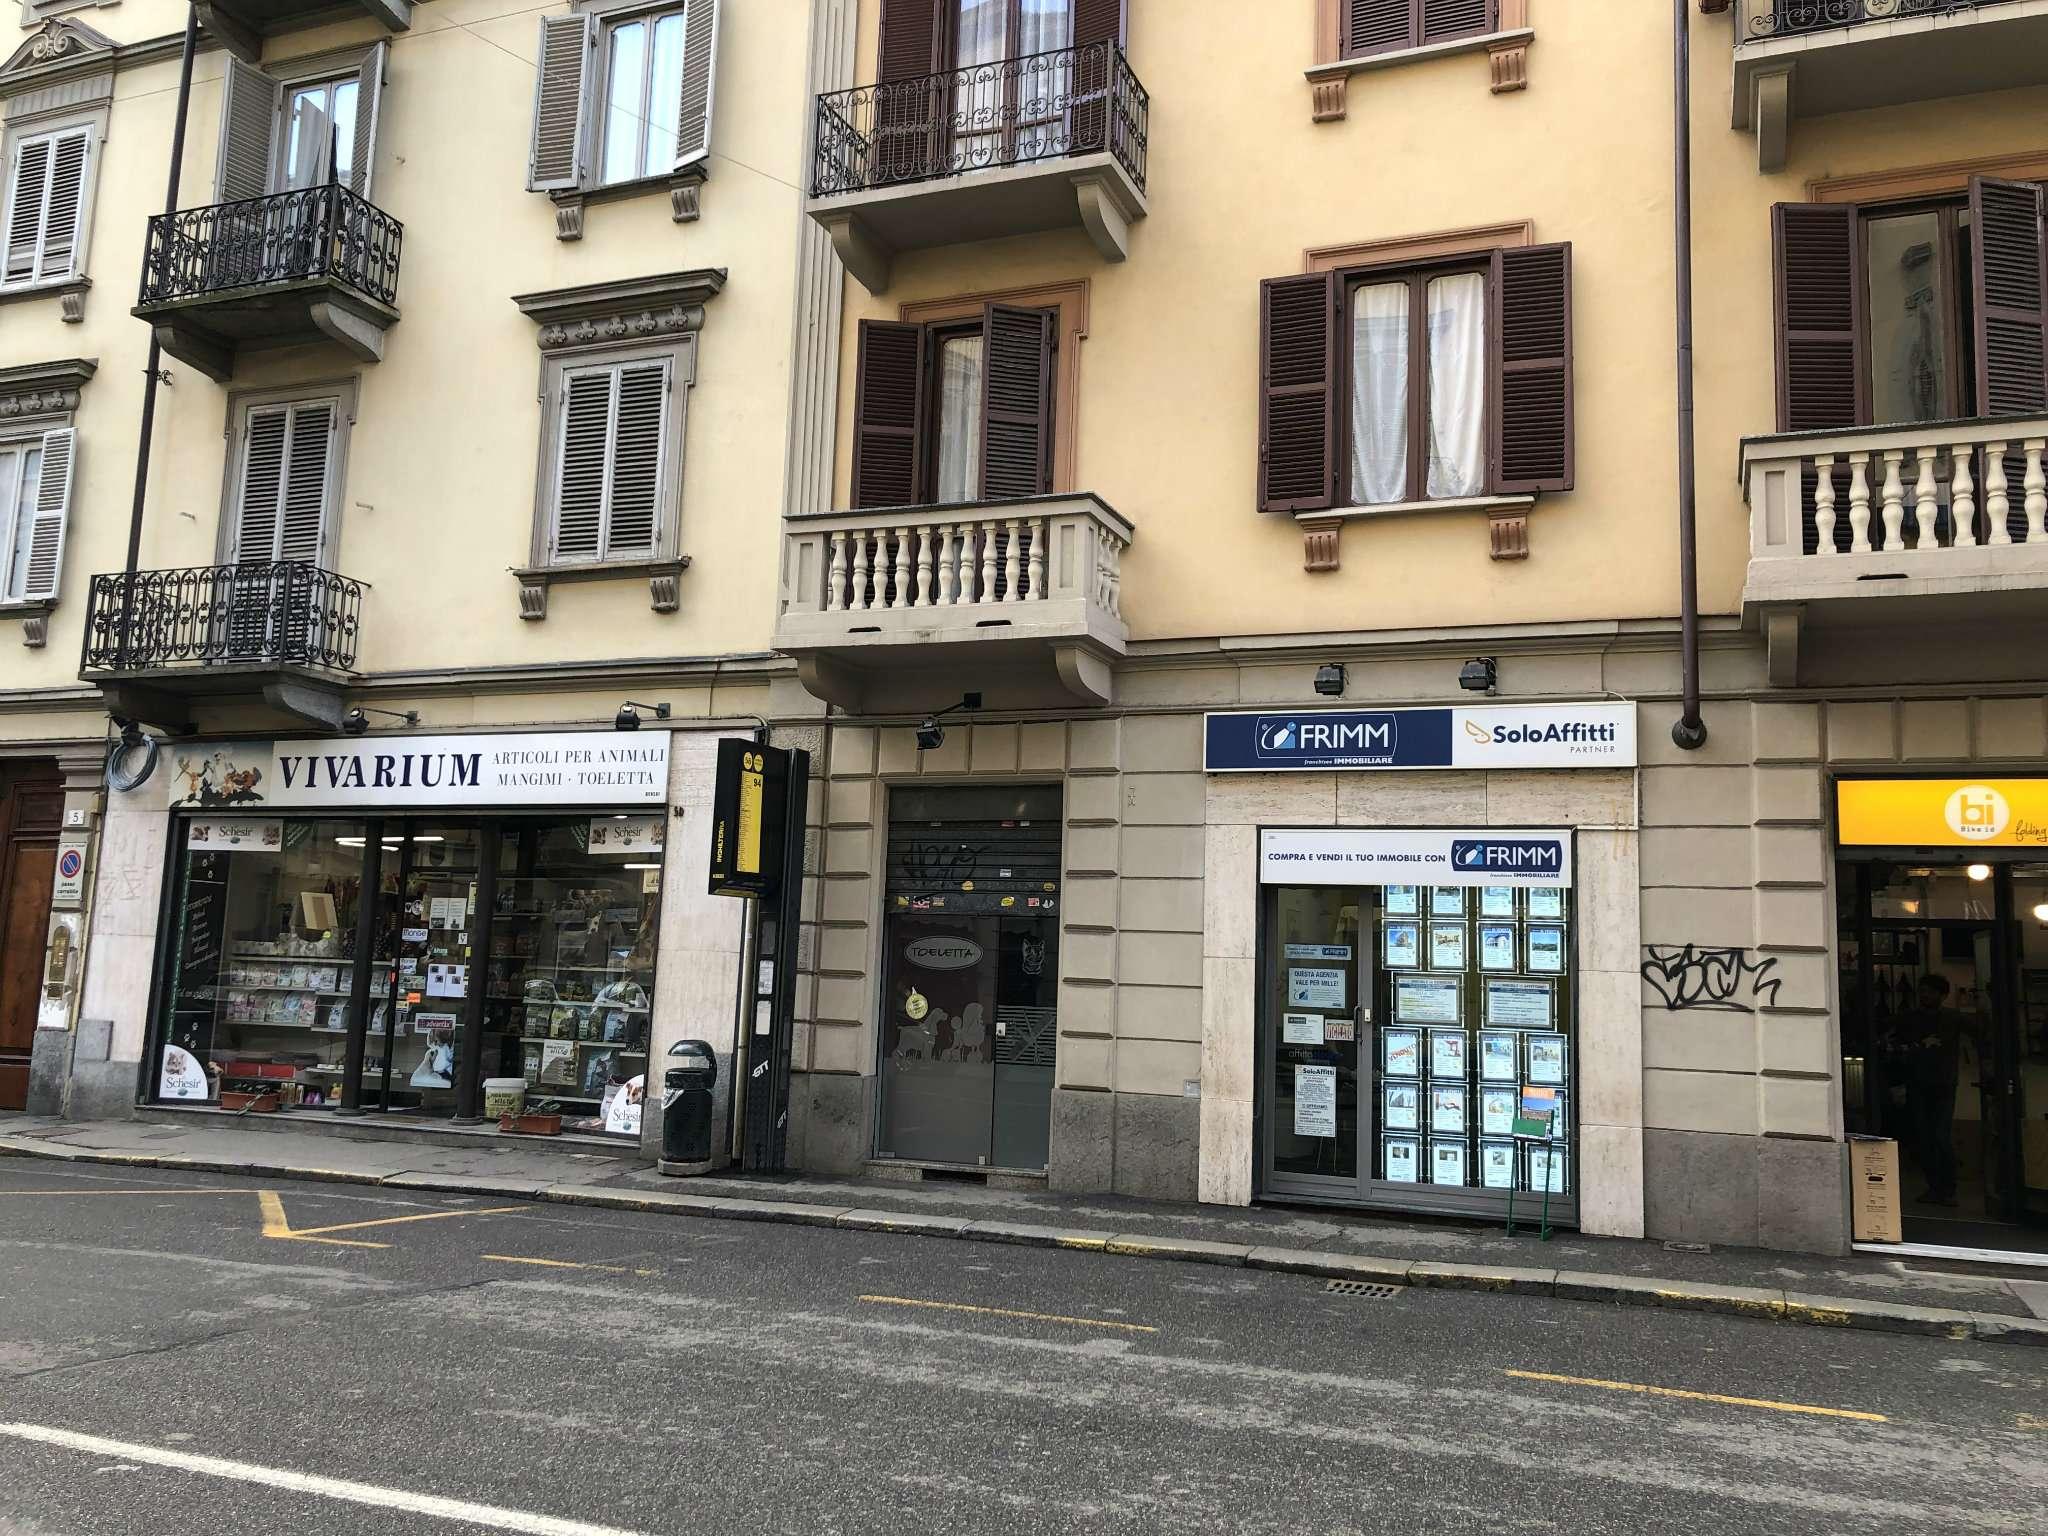 Negozio in affitto Zona Cit Turin, San Donato, Campidoglio - via Duchessa Jolanda 7 Torino